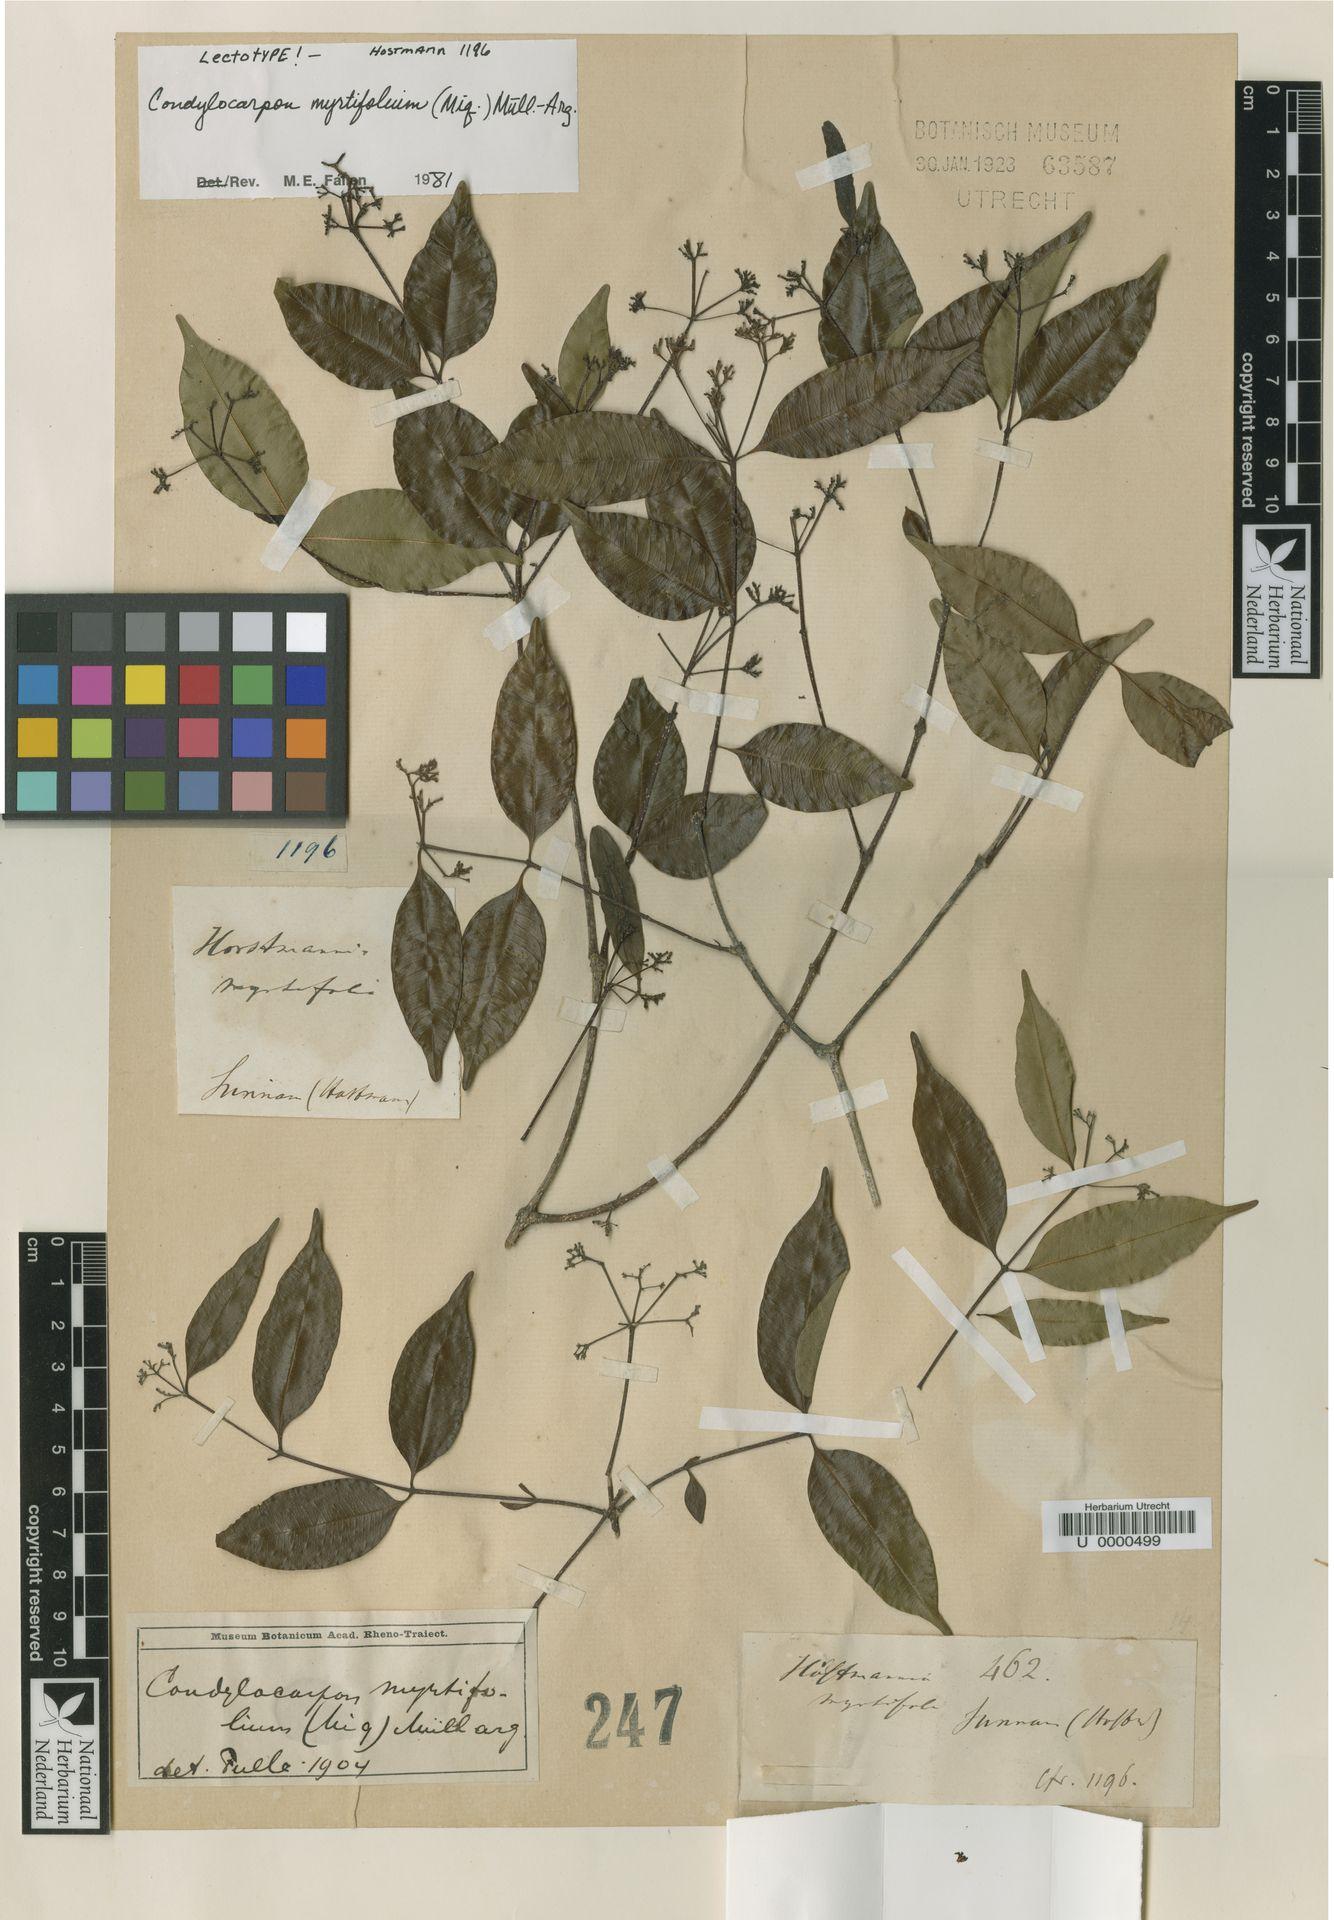 U  0000499   Condylocarpon myrtifolium (Miq.) Müll.Arg.